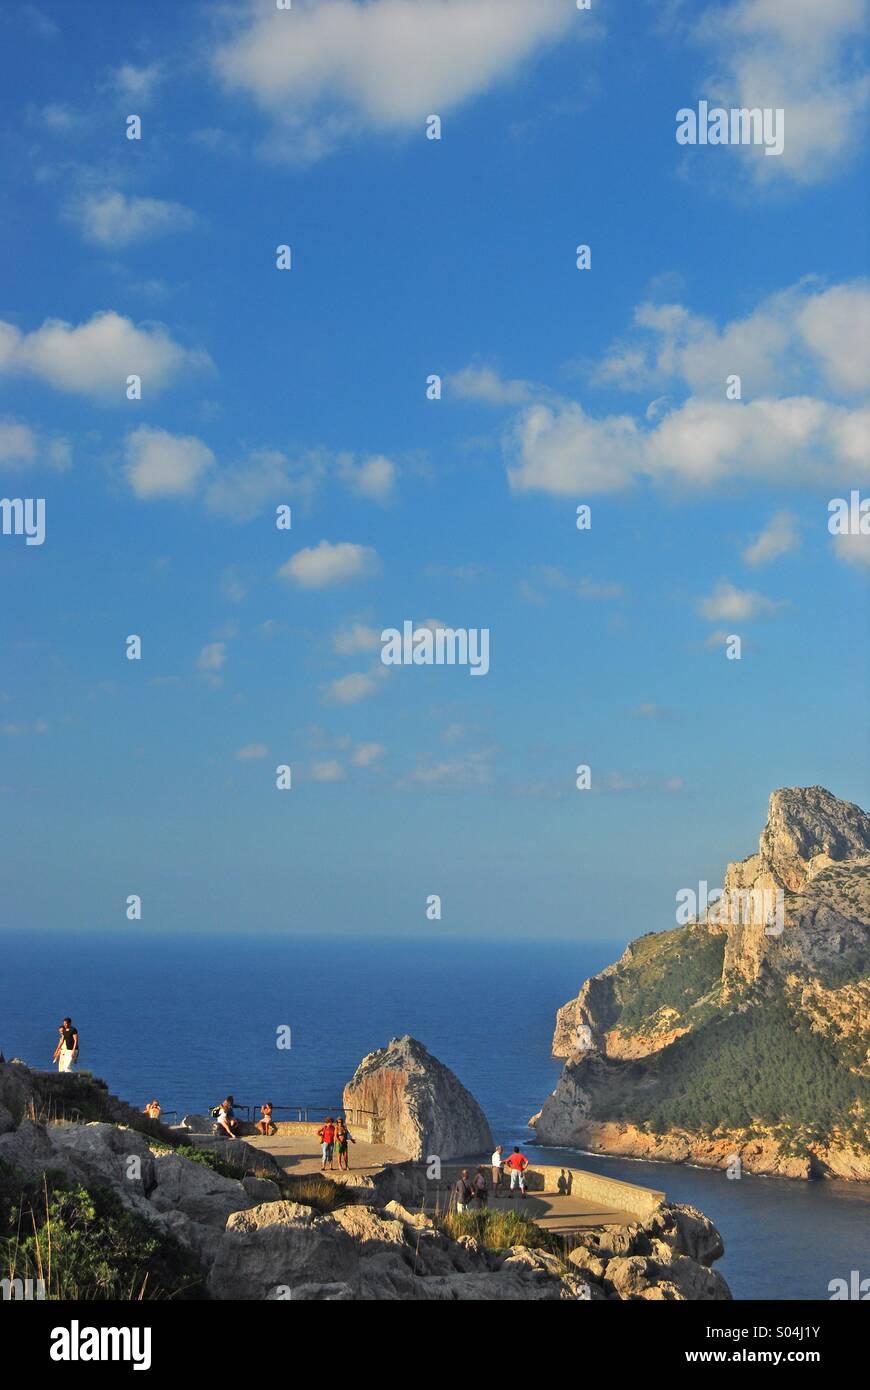 Majorca Stock Photo